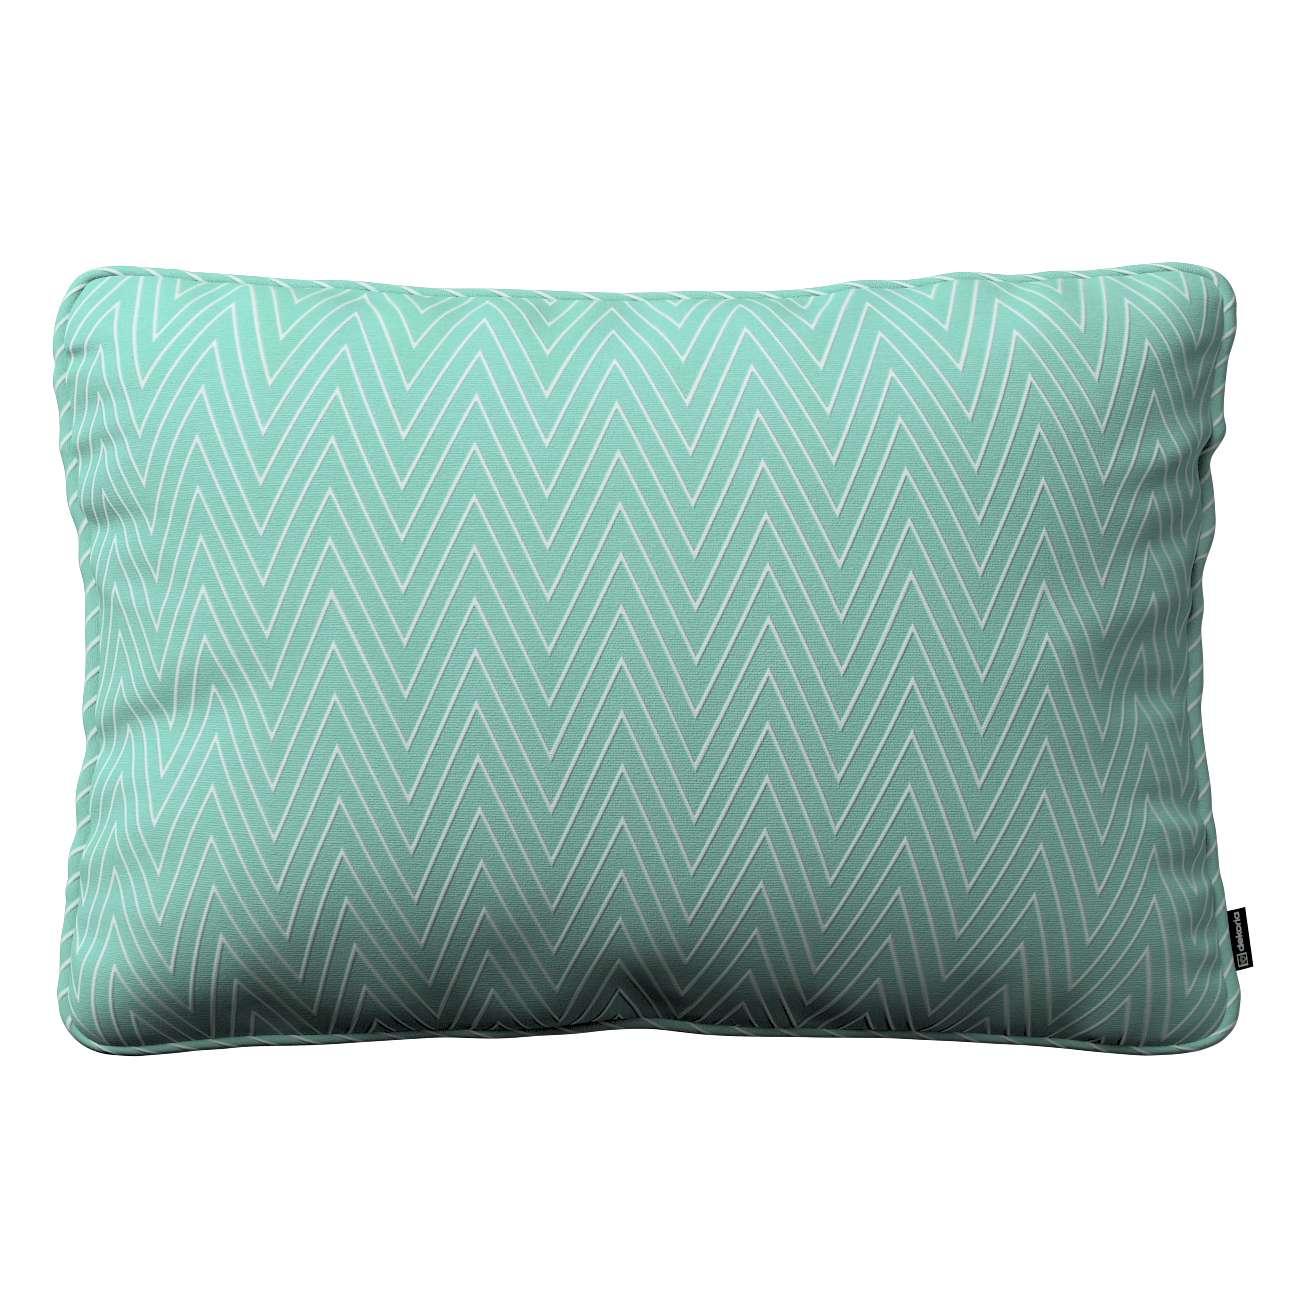 Poszewka Gabi na poduszkę prostokątna w kolekcji Brooklyn, tkanina: 137-90